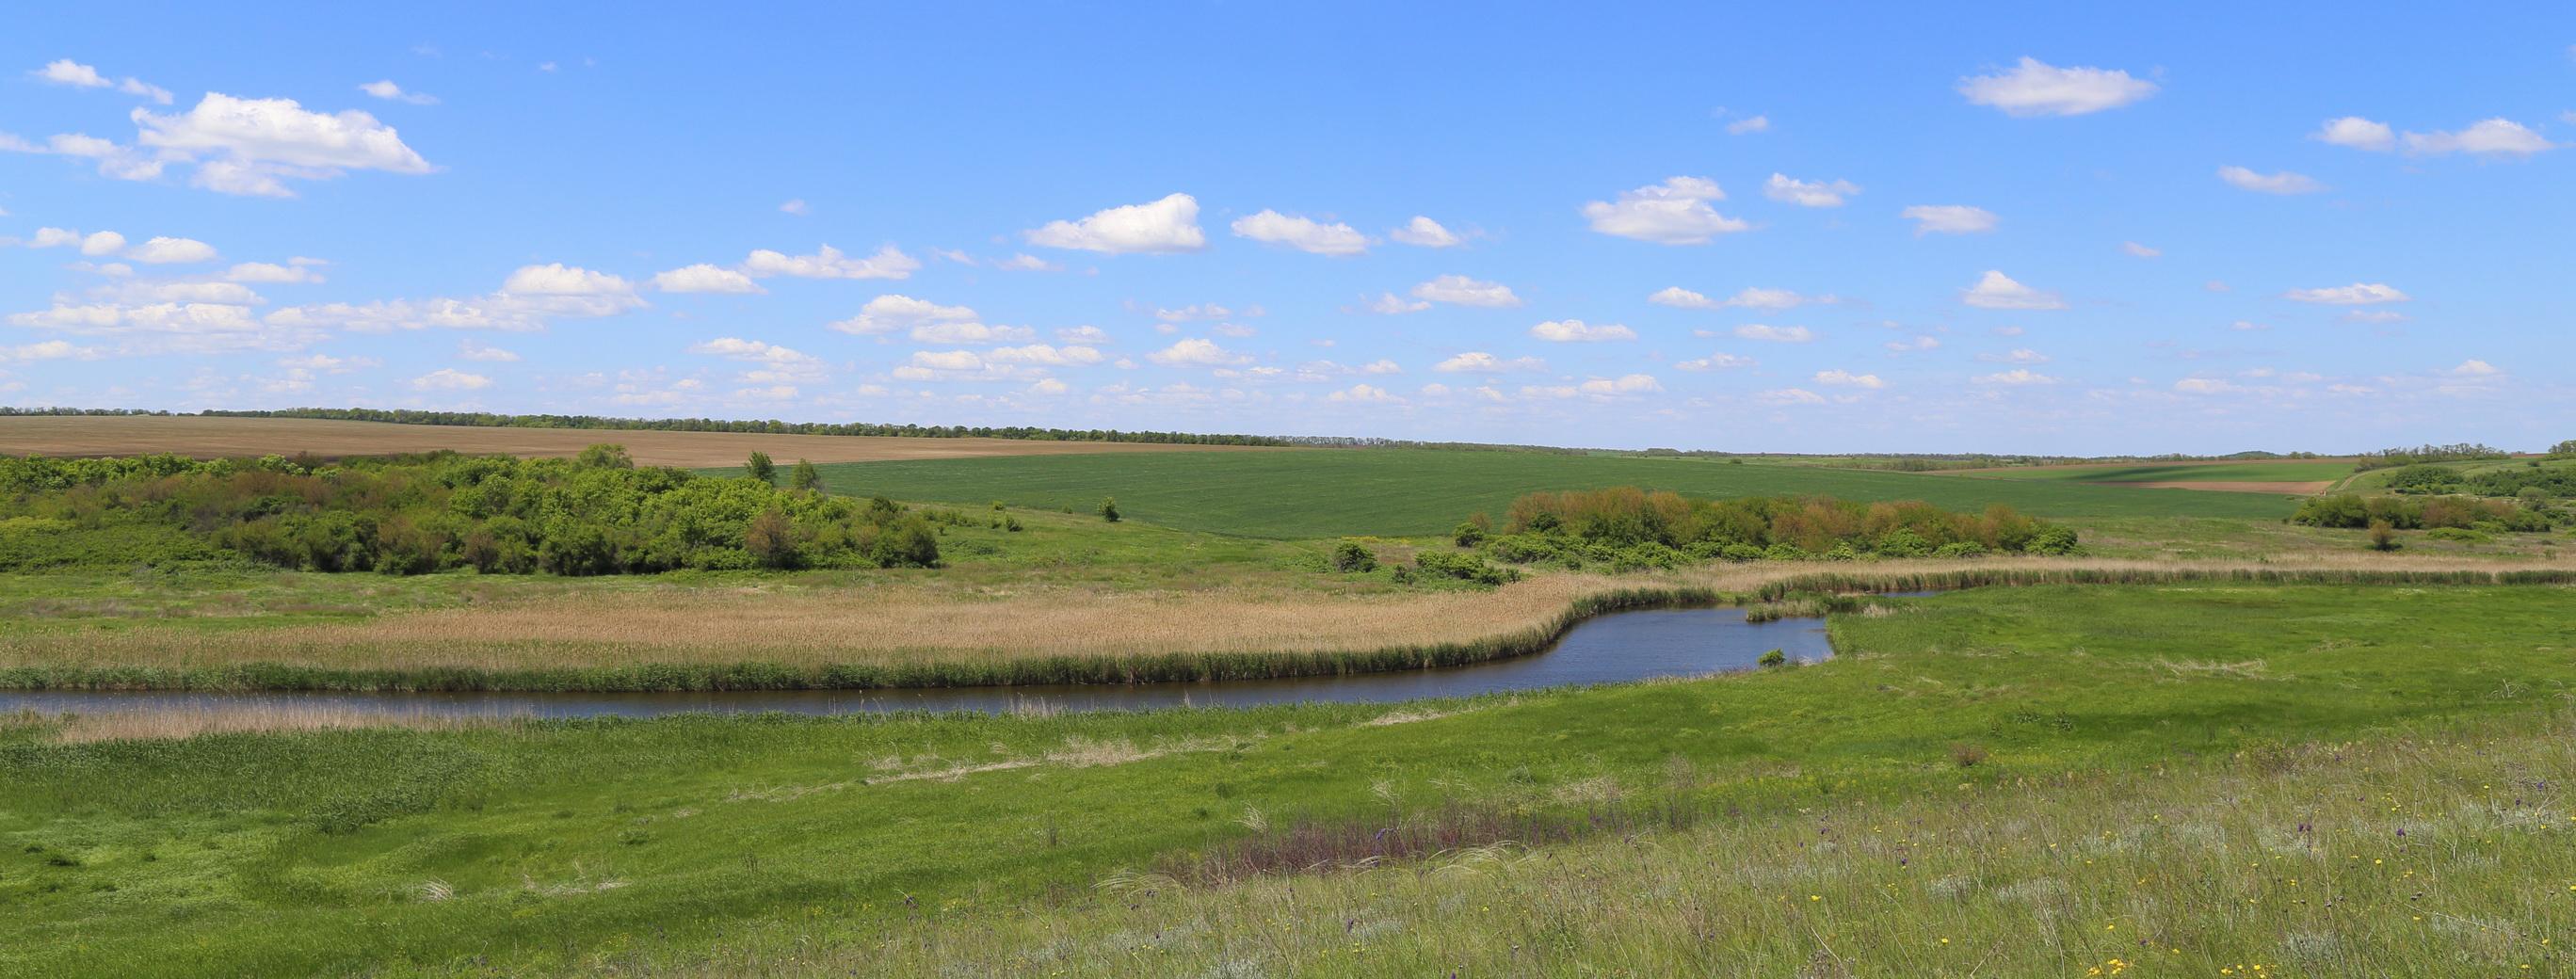 Река Сухой Еланчик и окрестности